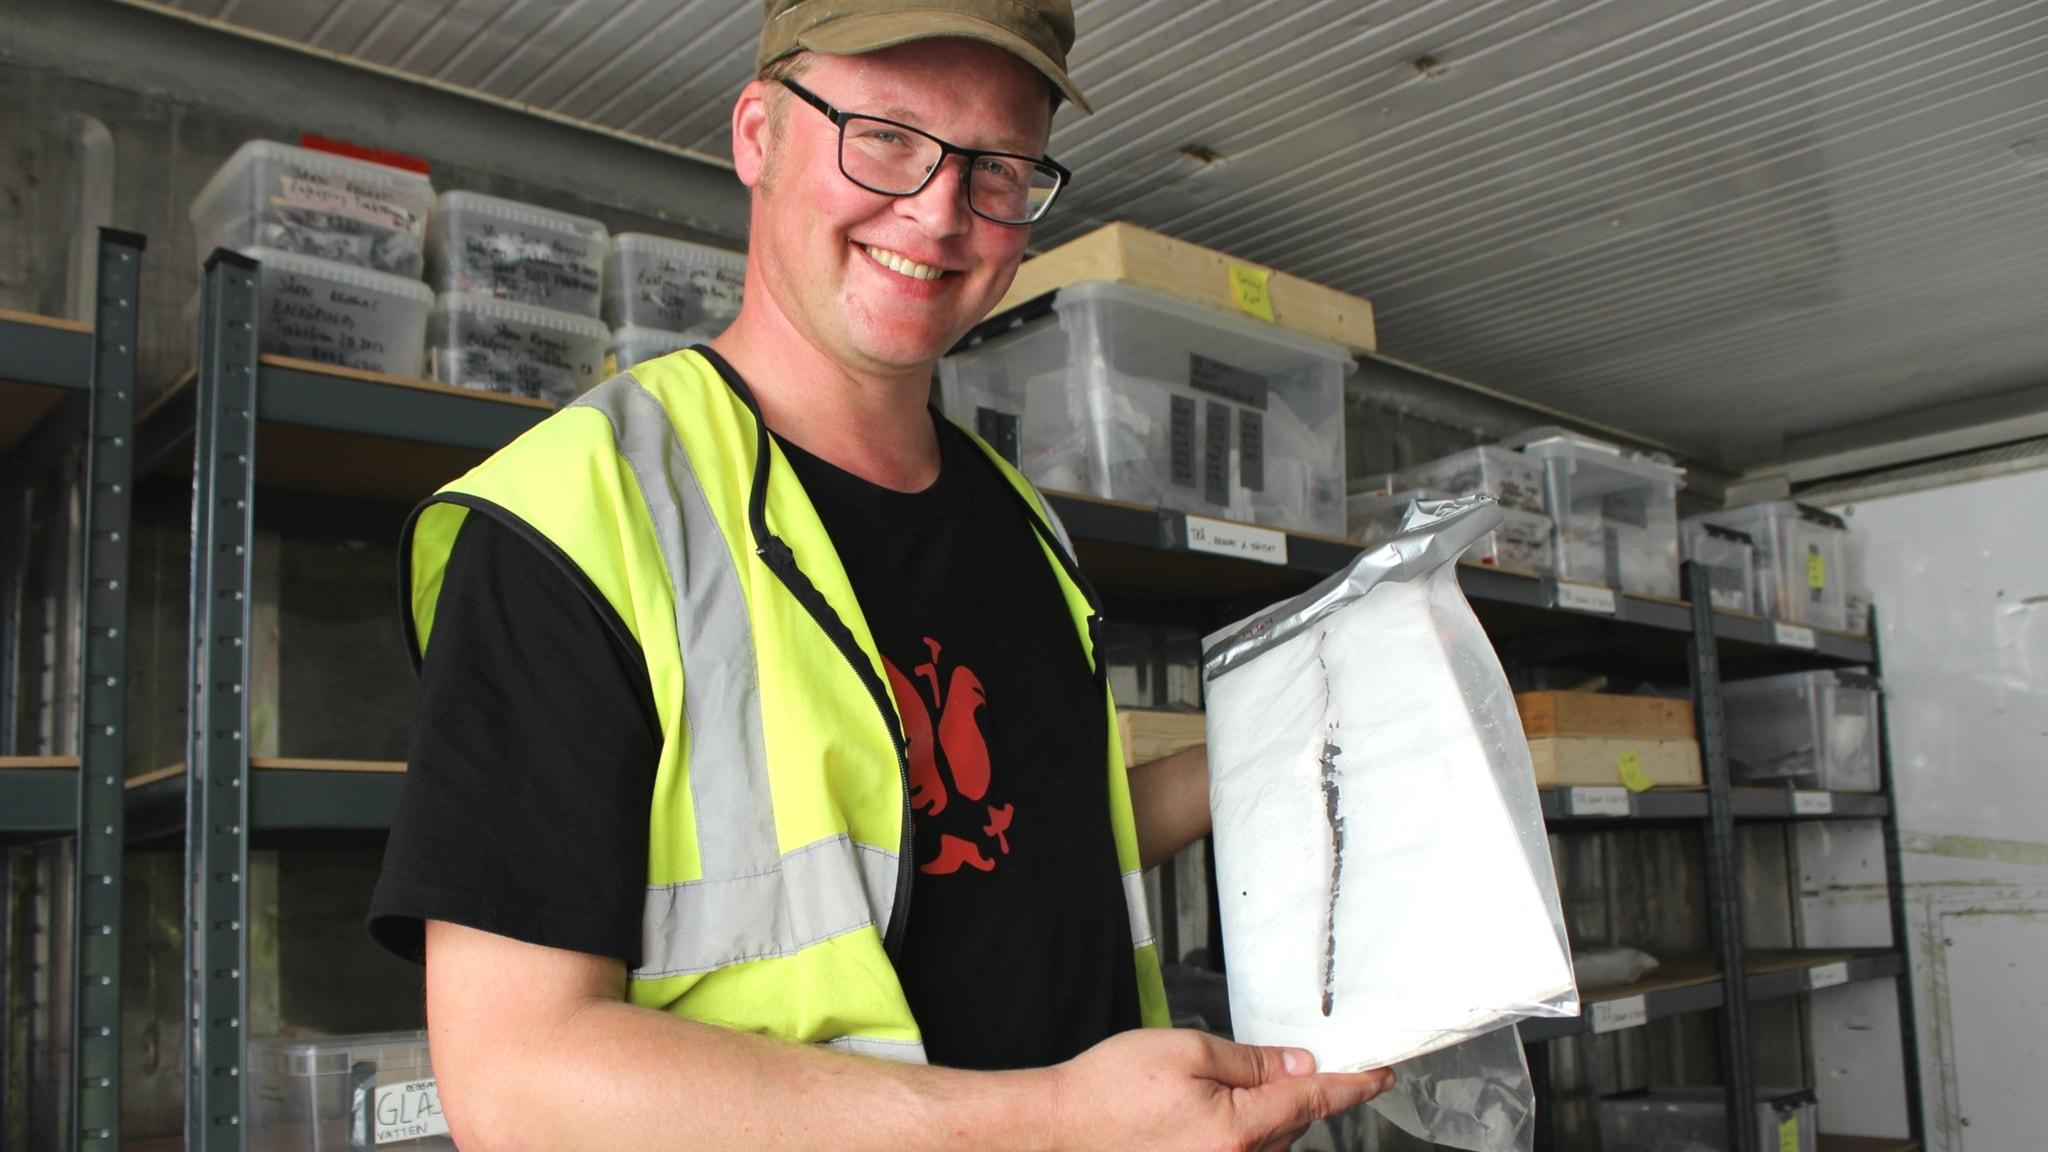 Arkeologen Joakim Kjellberg visar upp ett fynd från en utgrävning i Enköping som han antar är en barnleksak i form av en pilbåge.